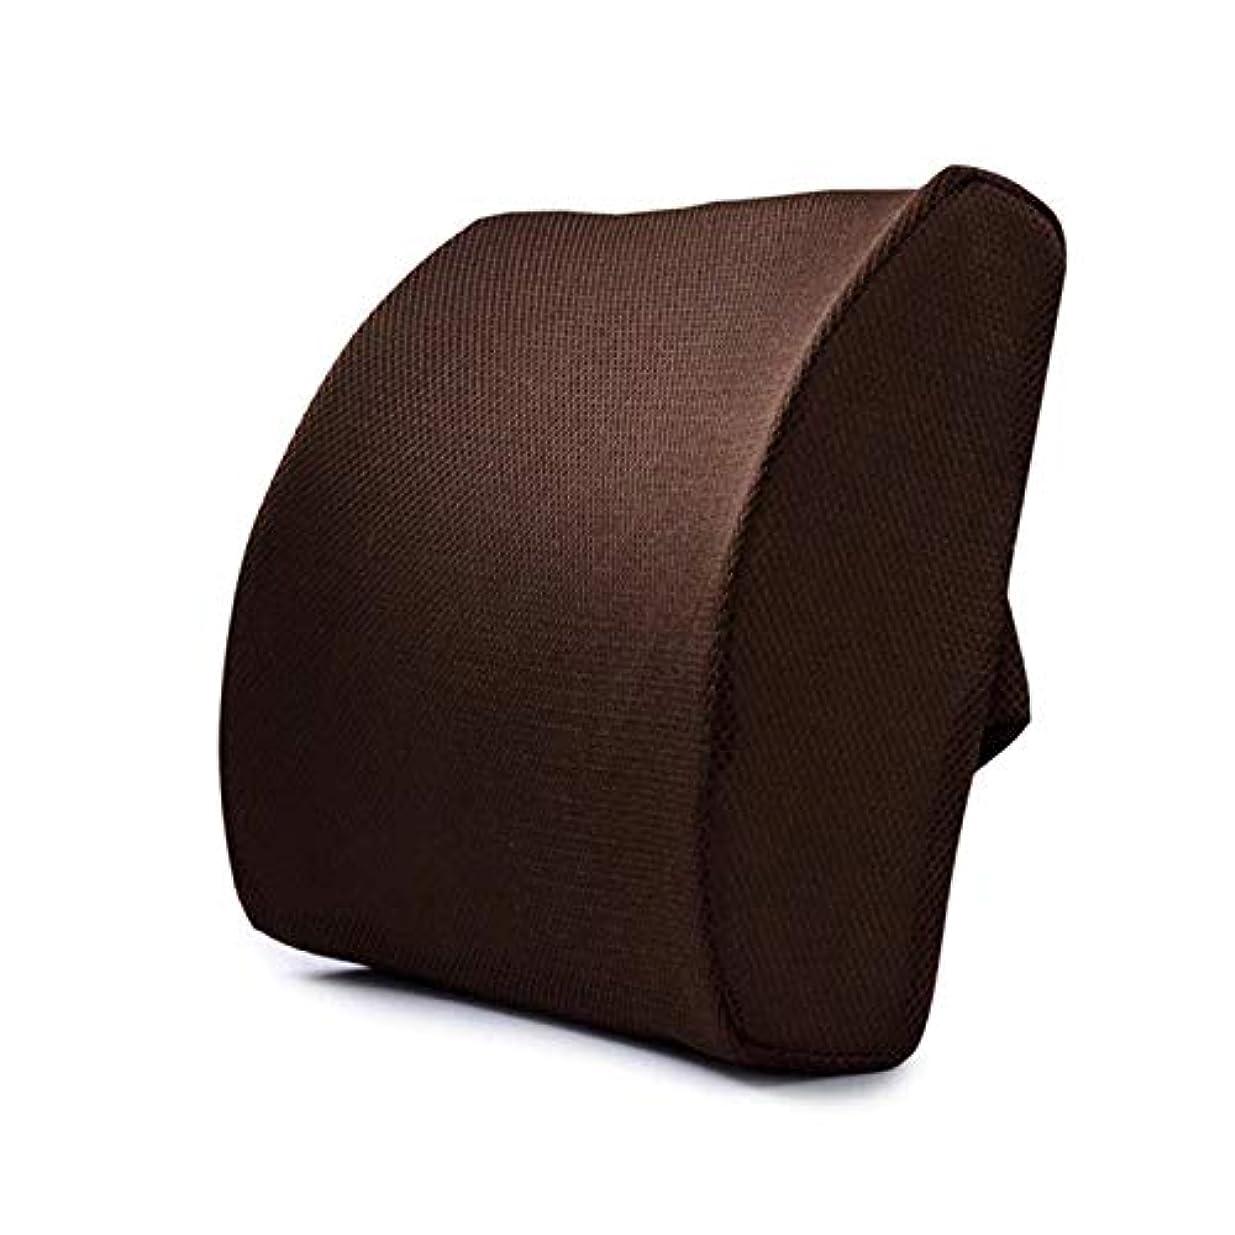 雪だるまランク債権者LIFE ホームオフィス背もたれ椅子腰椎クッションカーシートネック枕 3D 低反発サポートバックマッサージウエストレスリビング枕 クッション 椅子